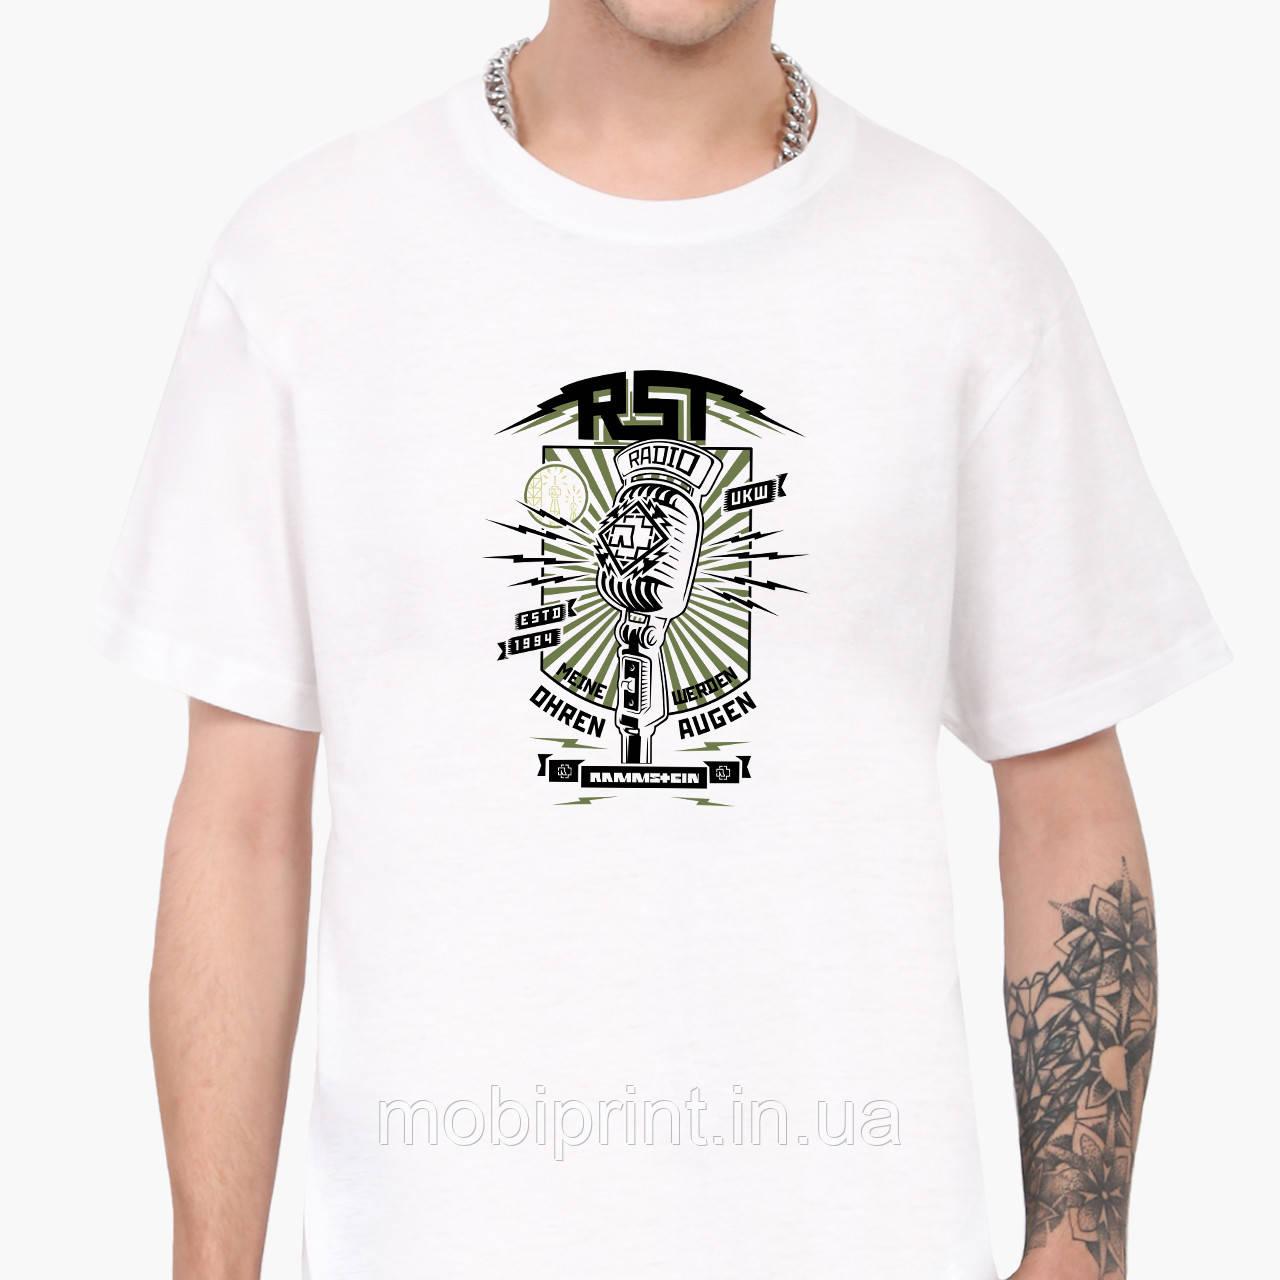 Футболка мужская Рамштайн (Rammstein) Белый (9223-2024)